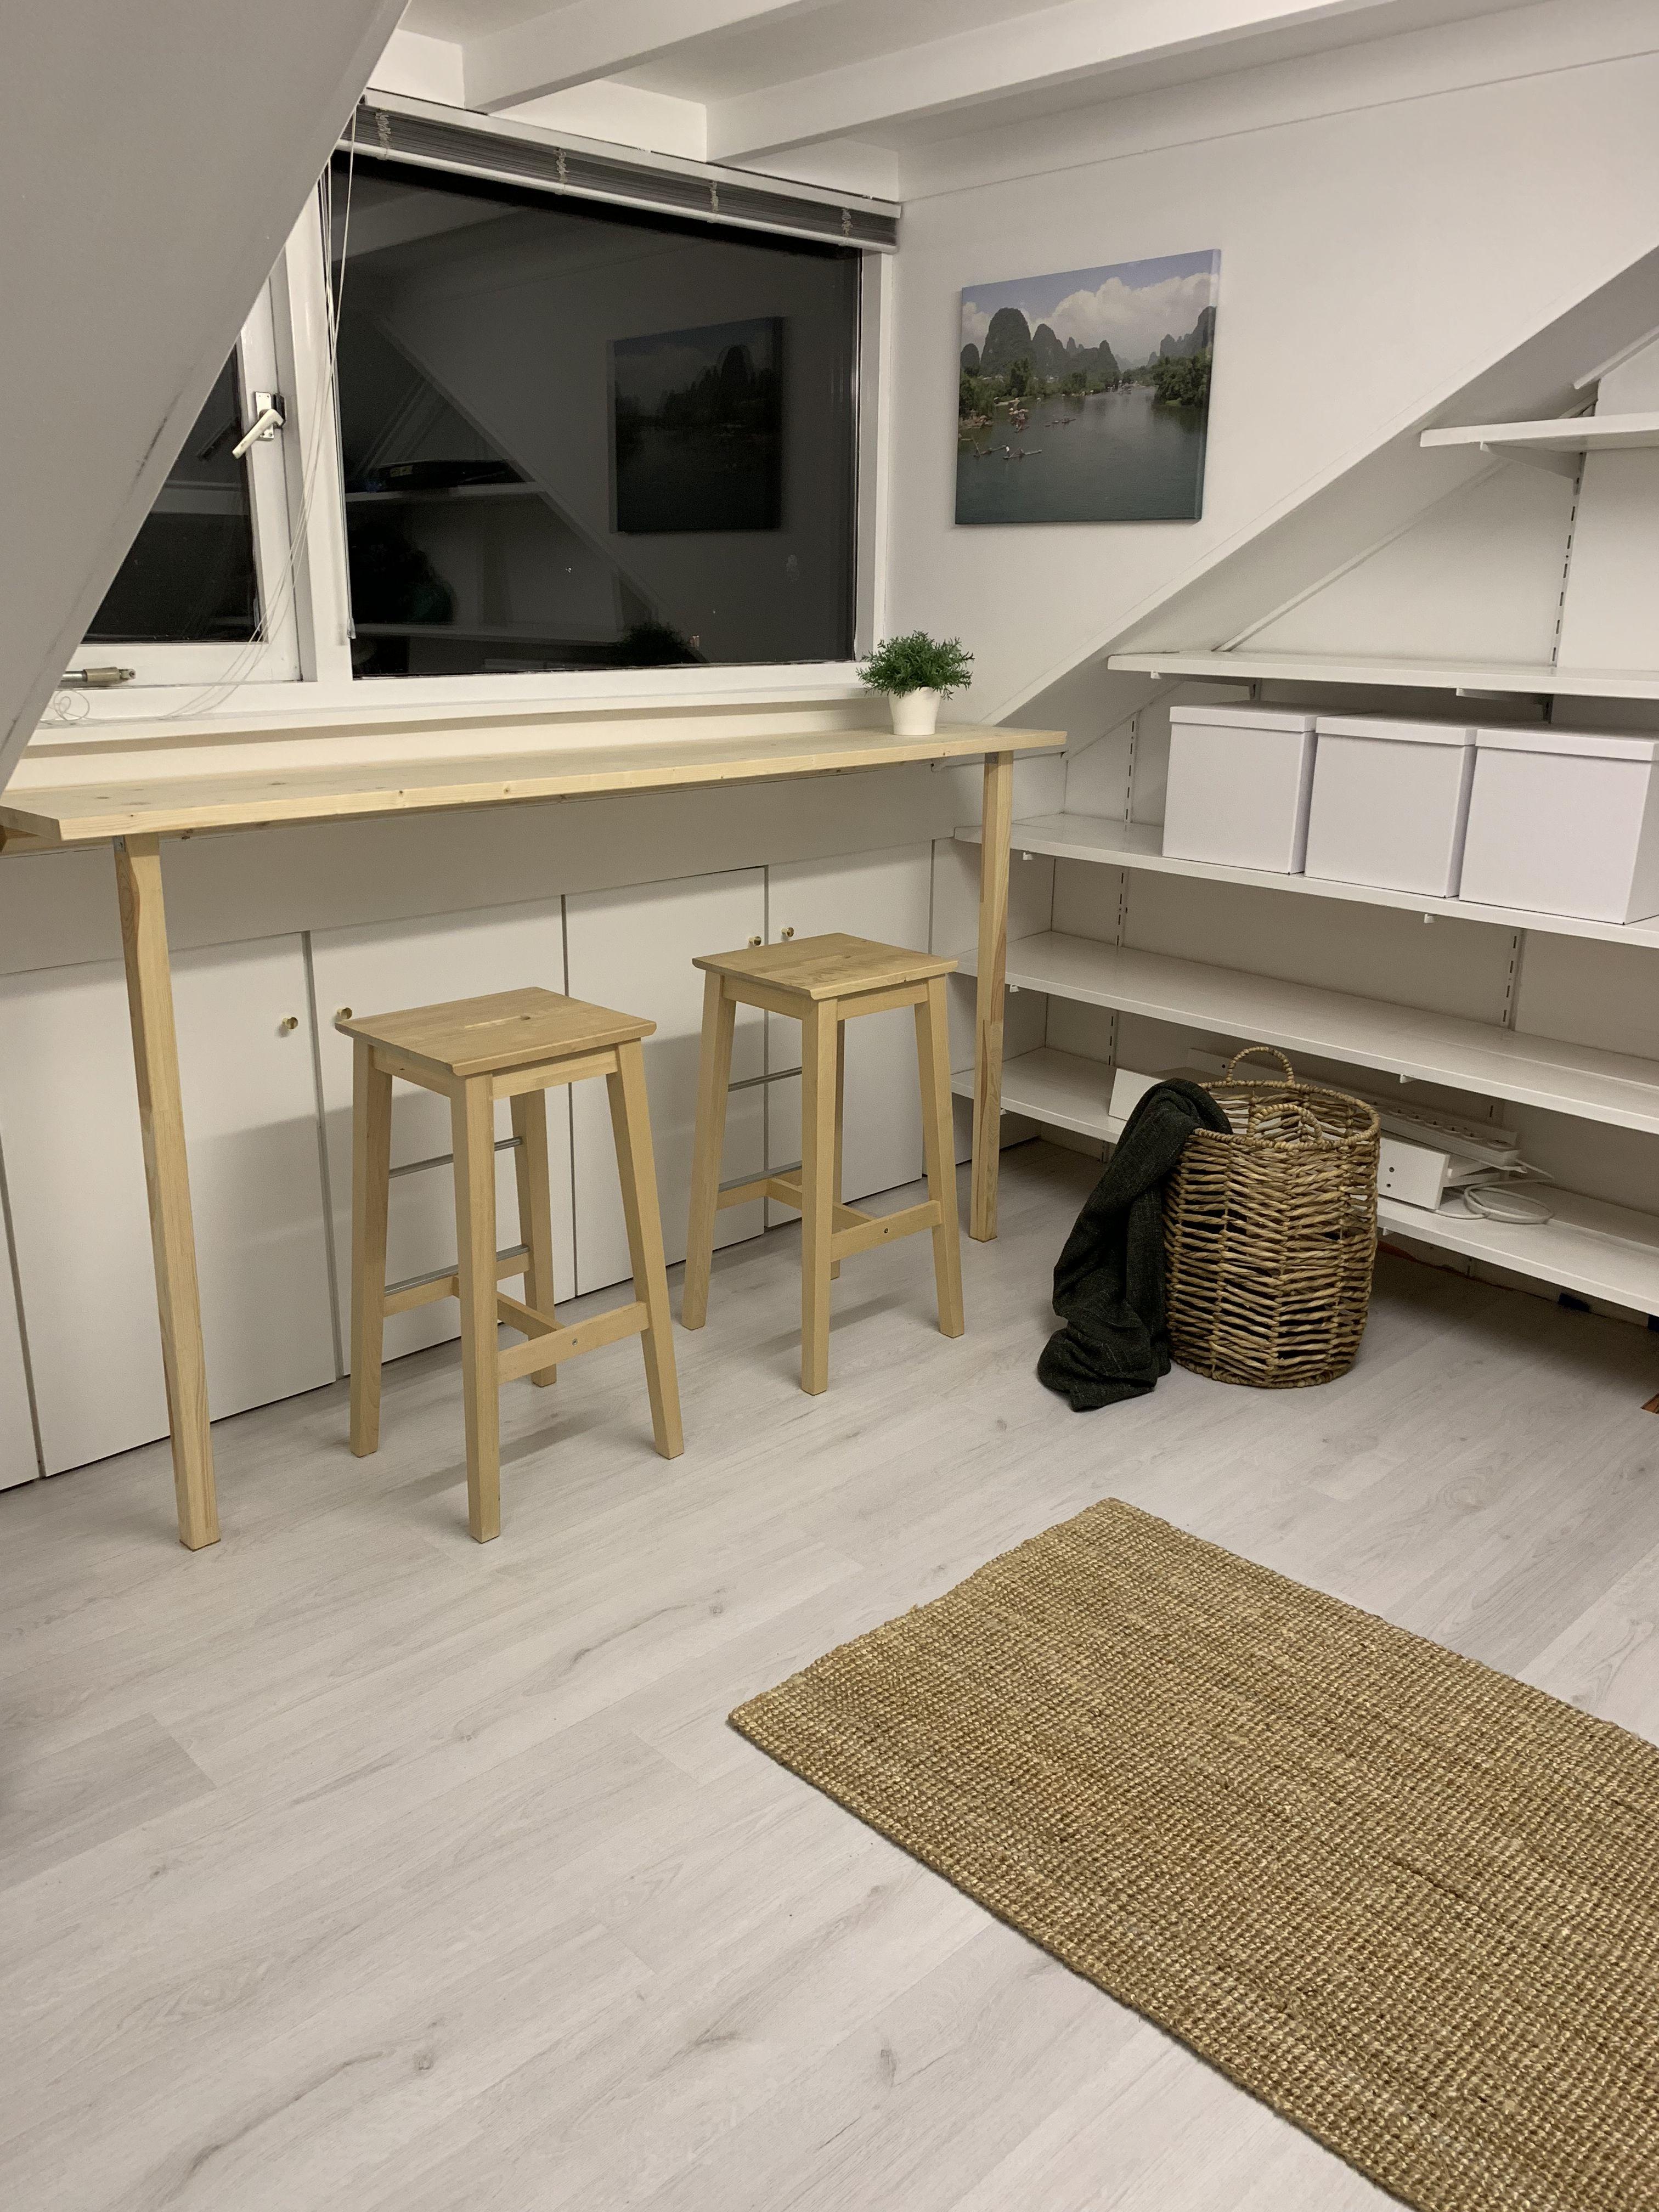 Goede Een bar bureau op zolder. Een hippe DIY werkplek idee. Ik heb EB-61